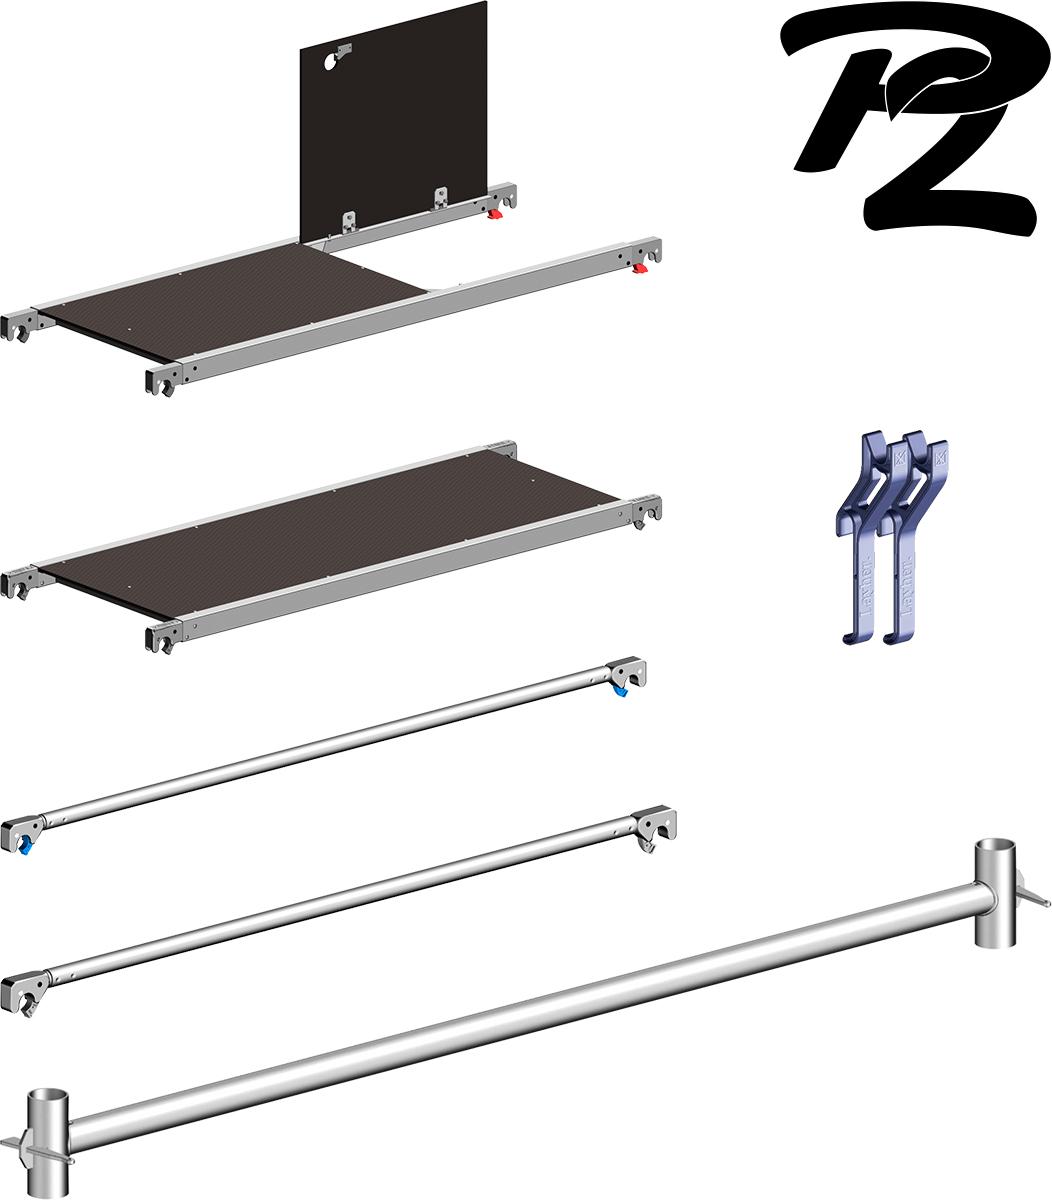 Layher Fahrgerüst Uni Leicht P2 Nachrüst-Set 3207